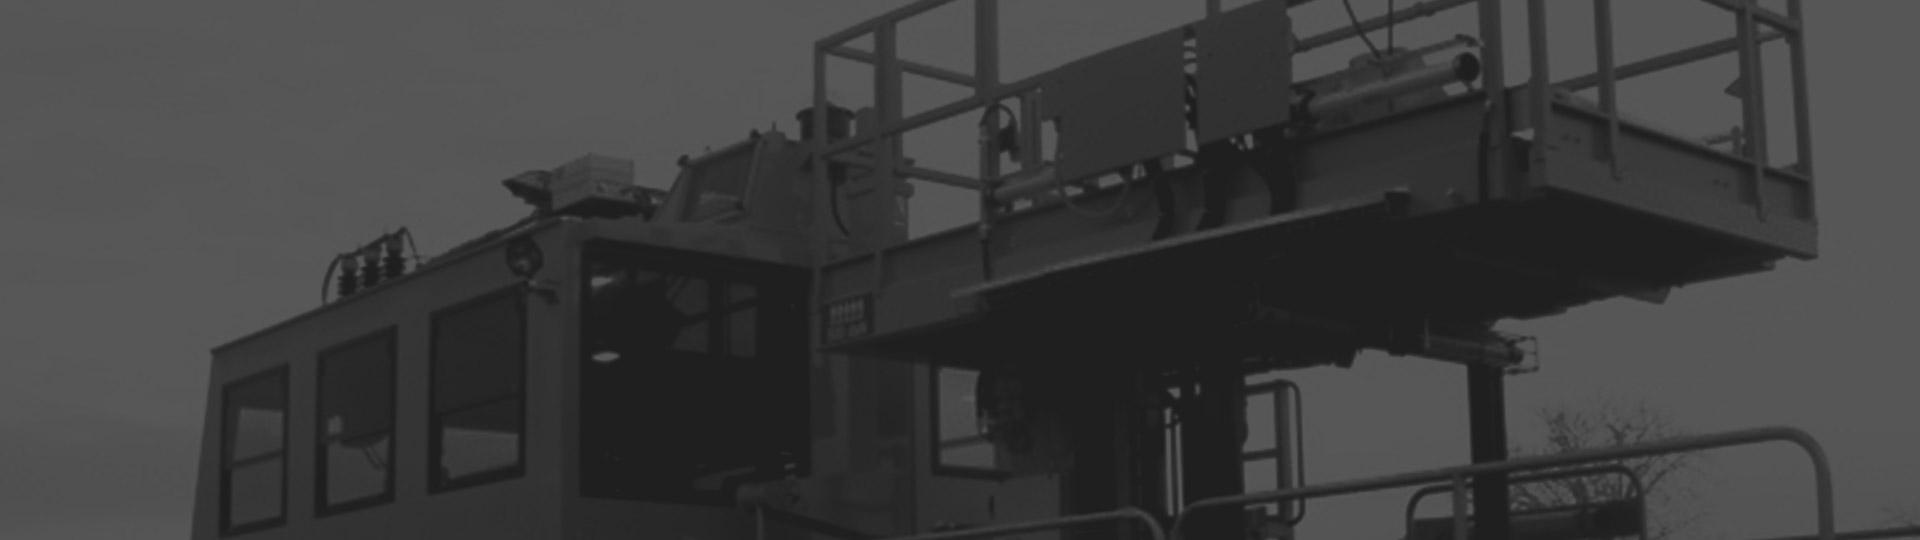 Header colonna telescopica ferroviaria 3 1 1